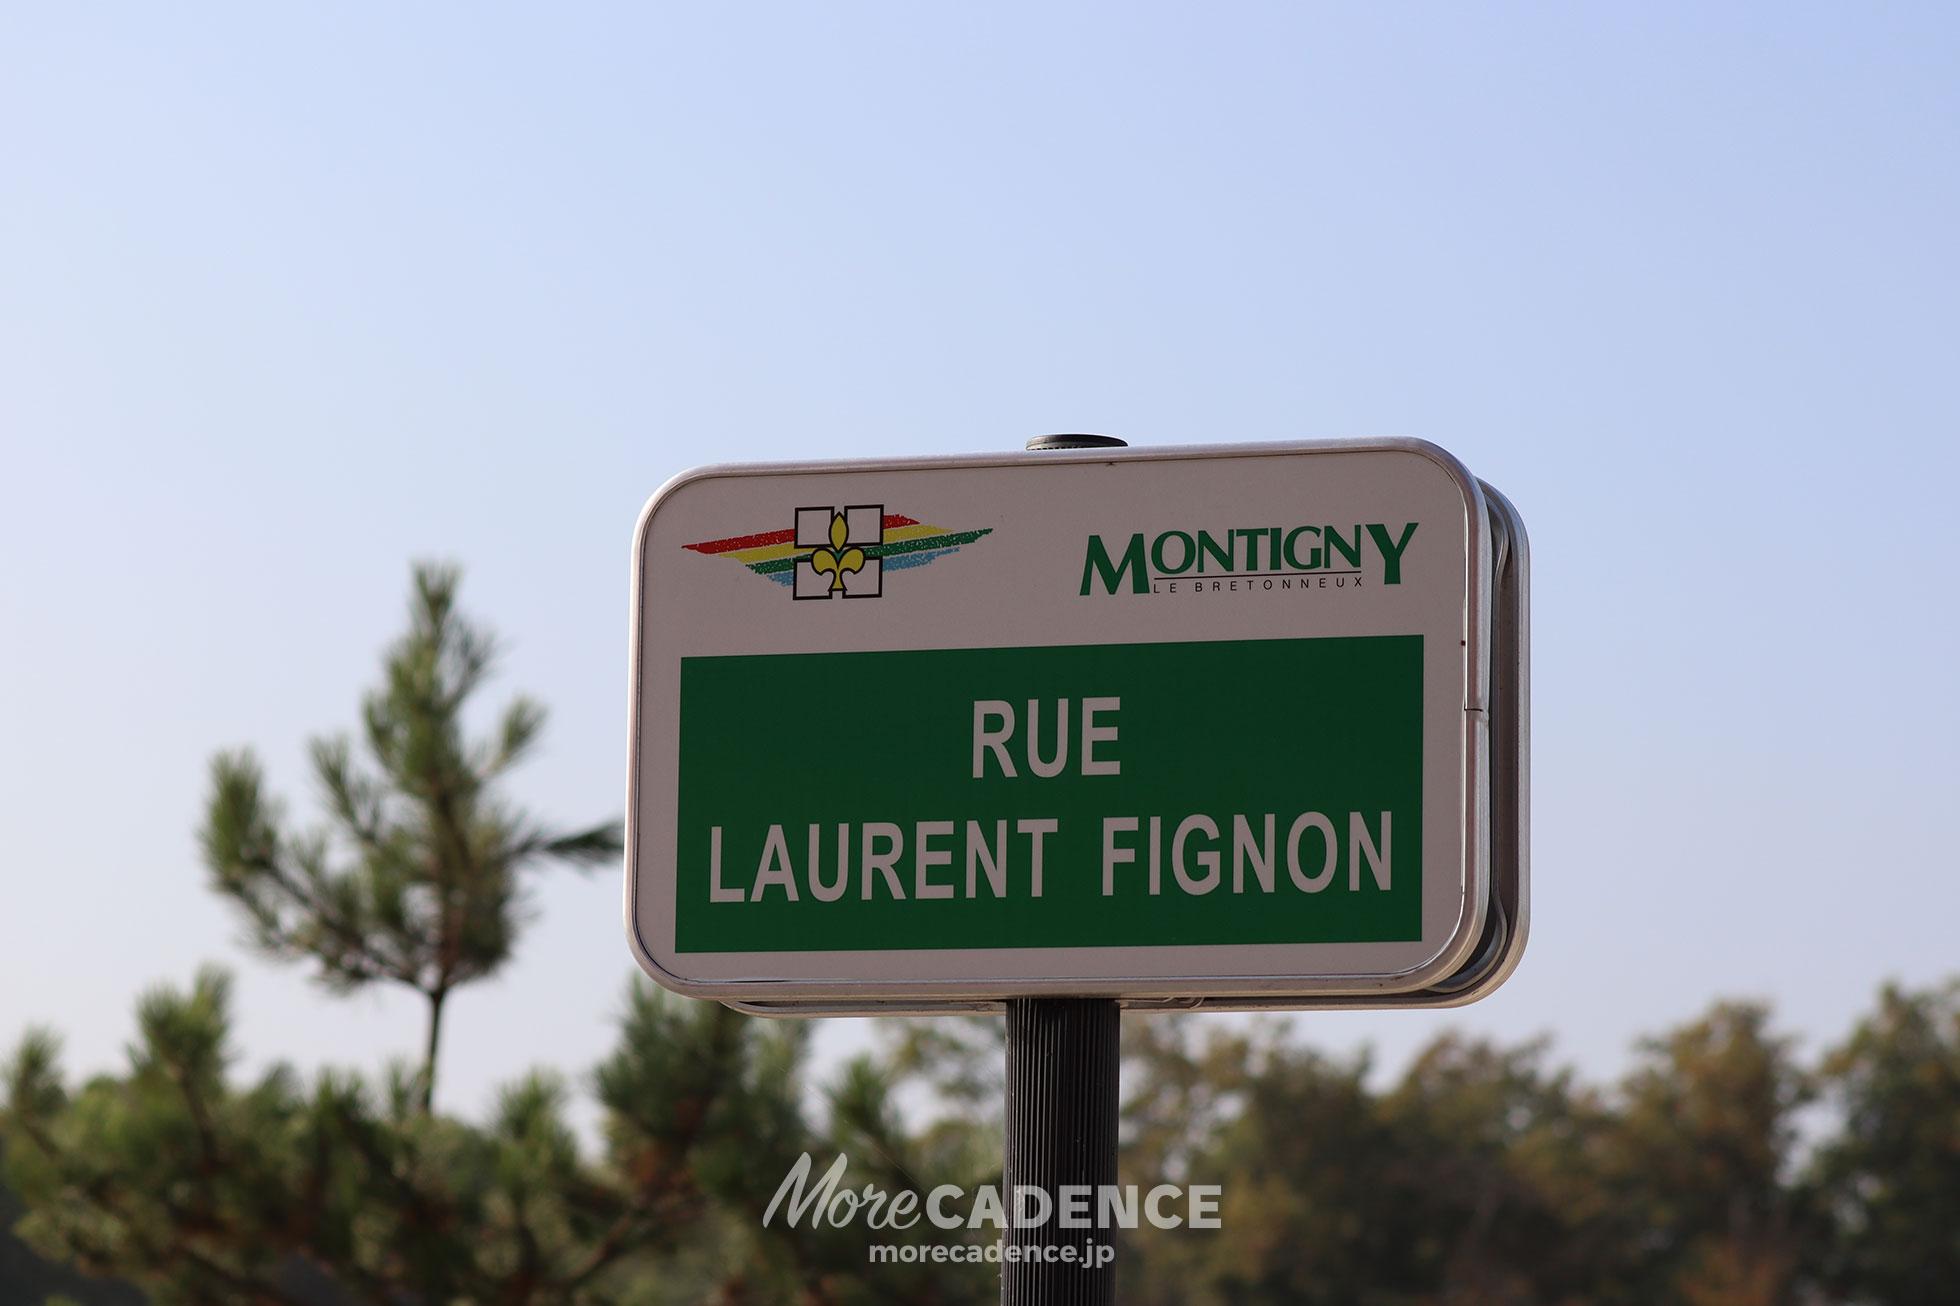 RUE LAURENT FIGNON